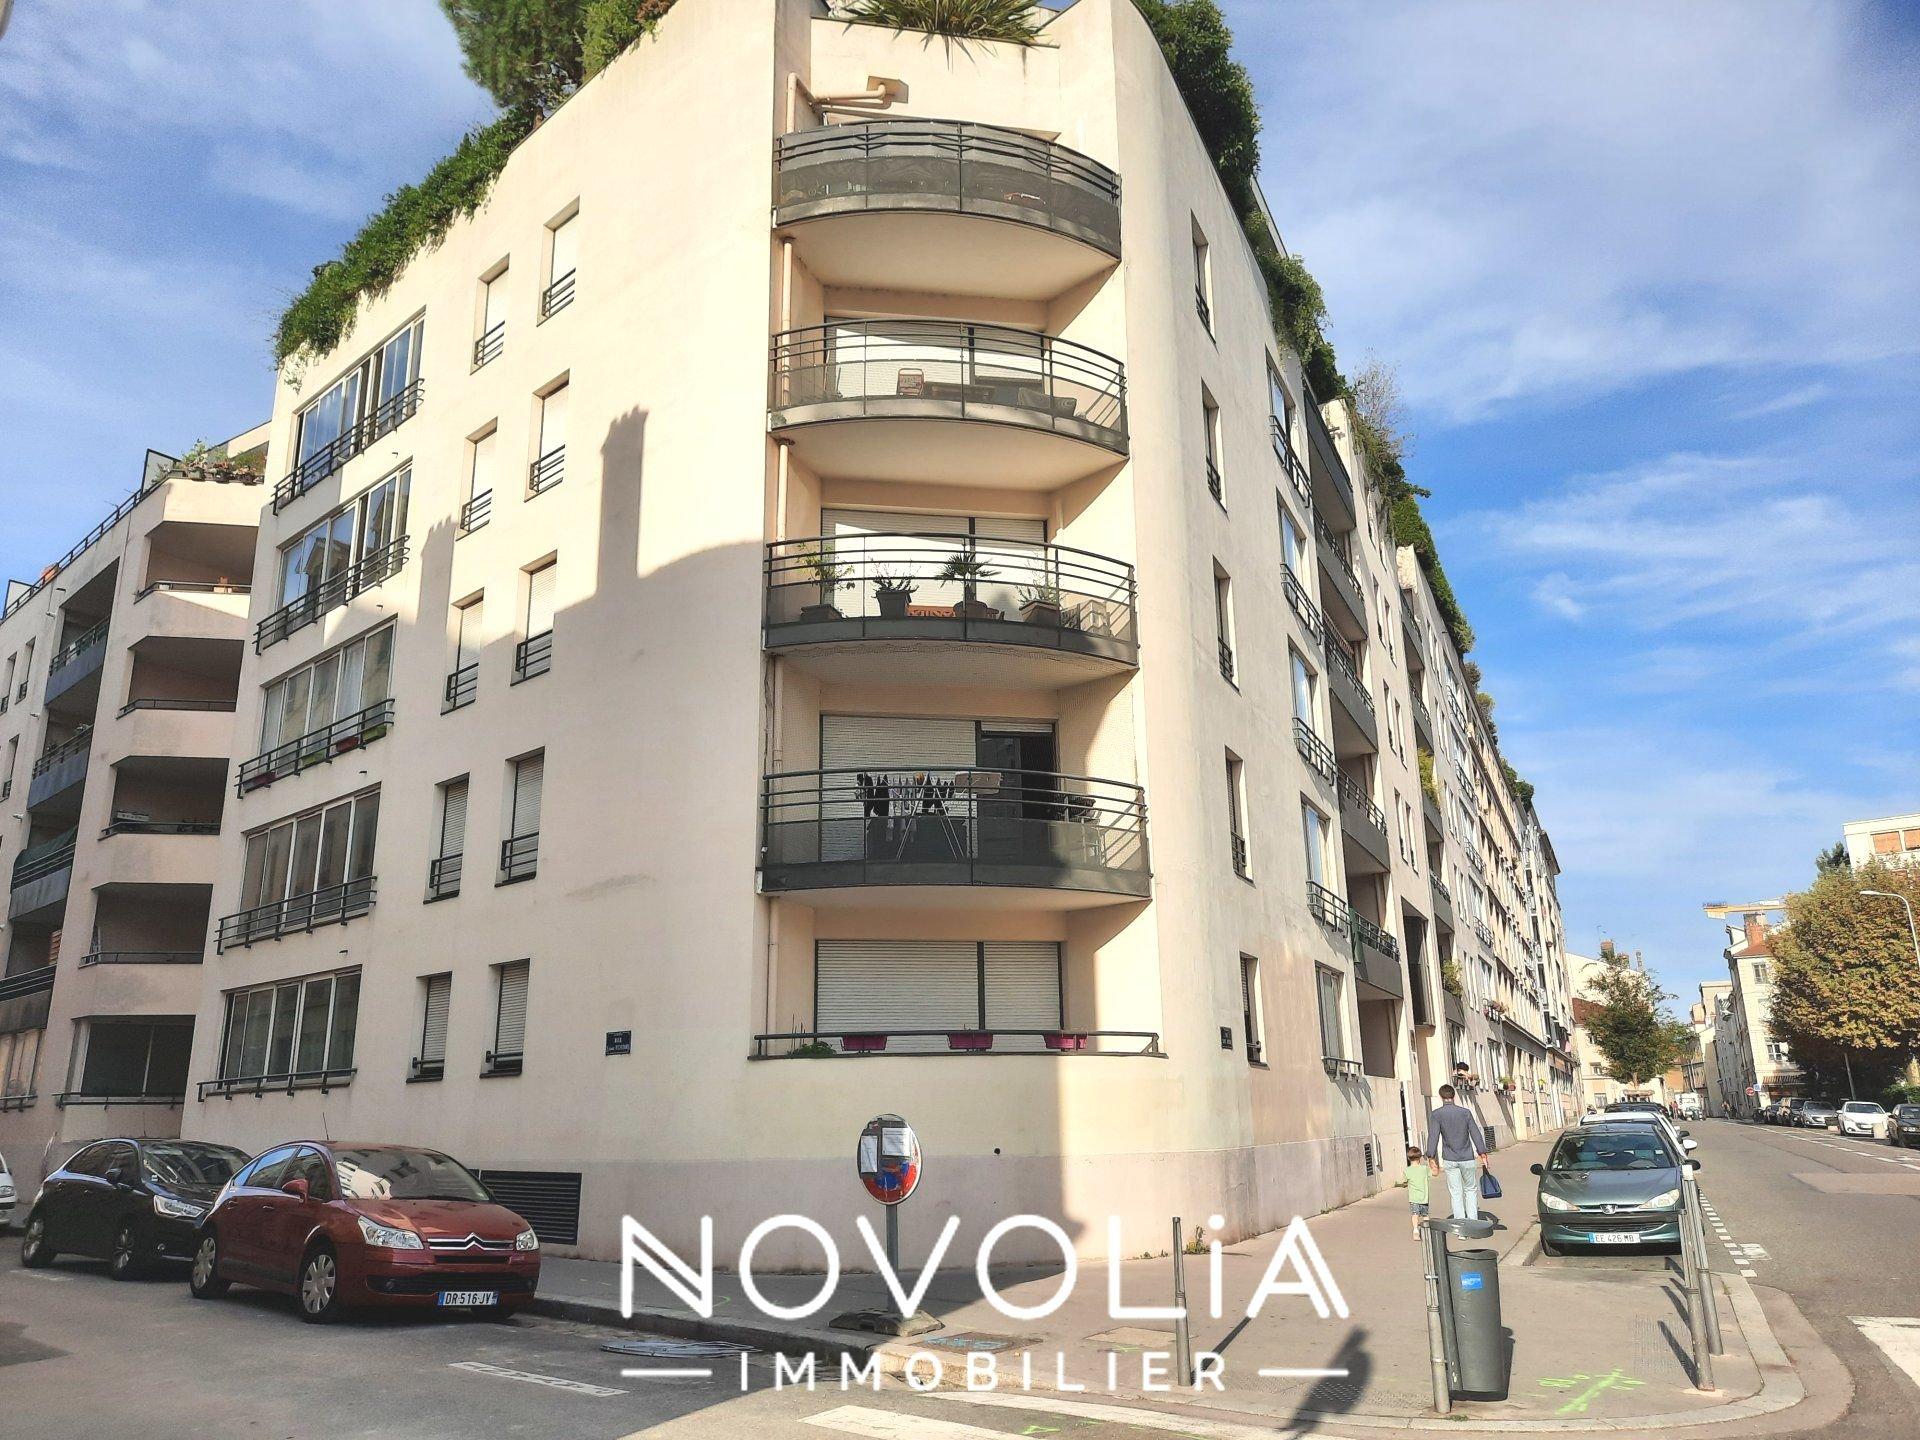 Achat Appartement Surface de 68.56 m²/ Total carrez : 55 m², 2 pièces, Lyon 3ème (69003)